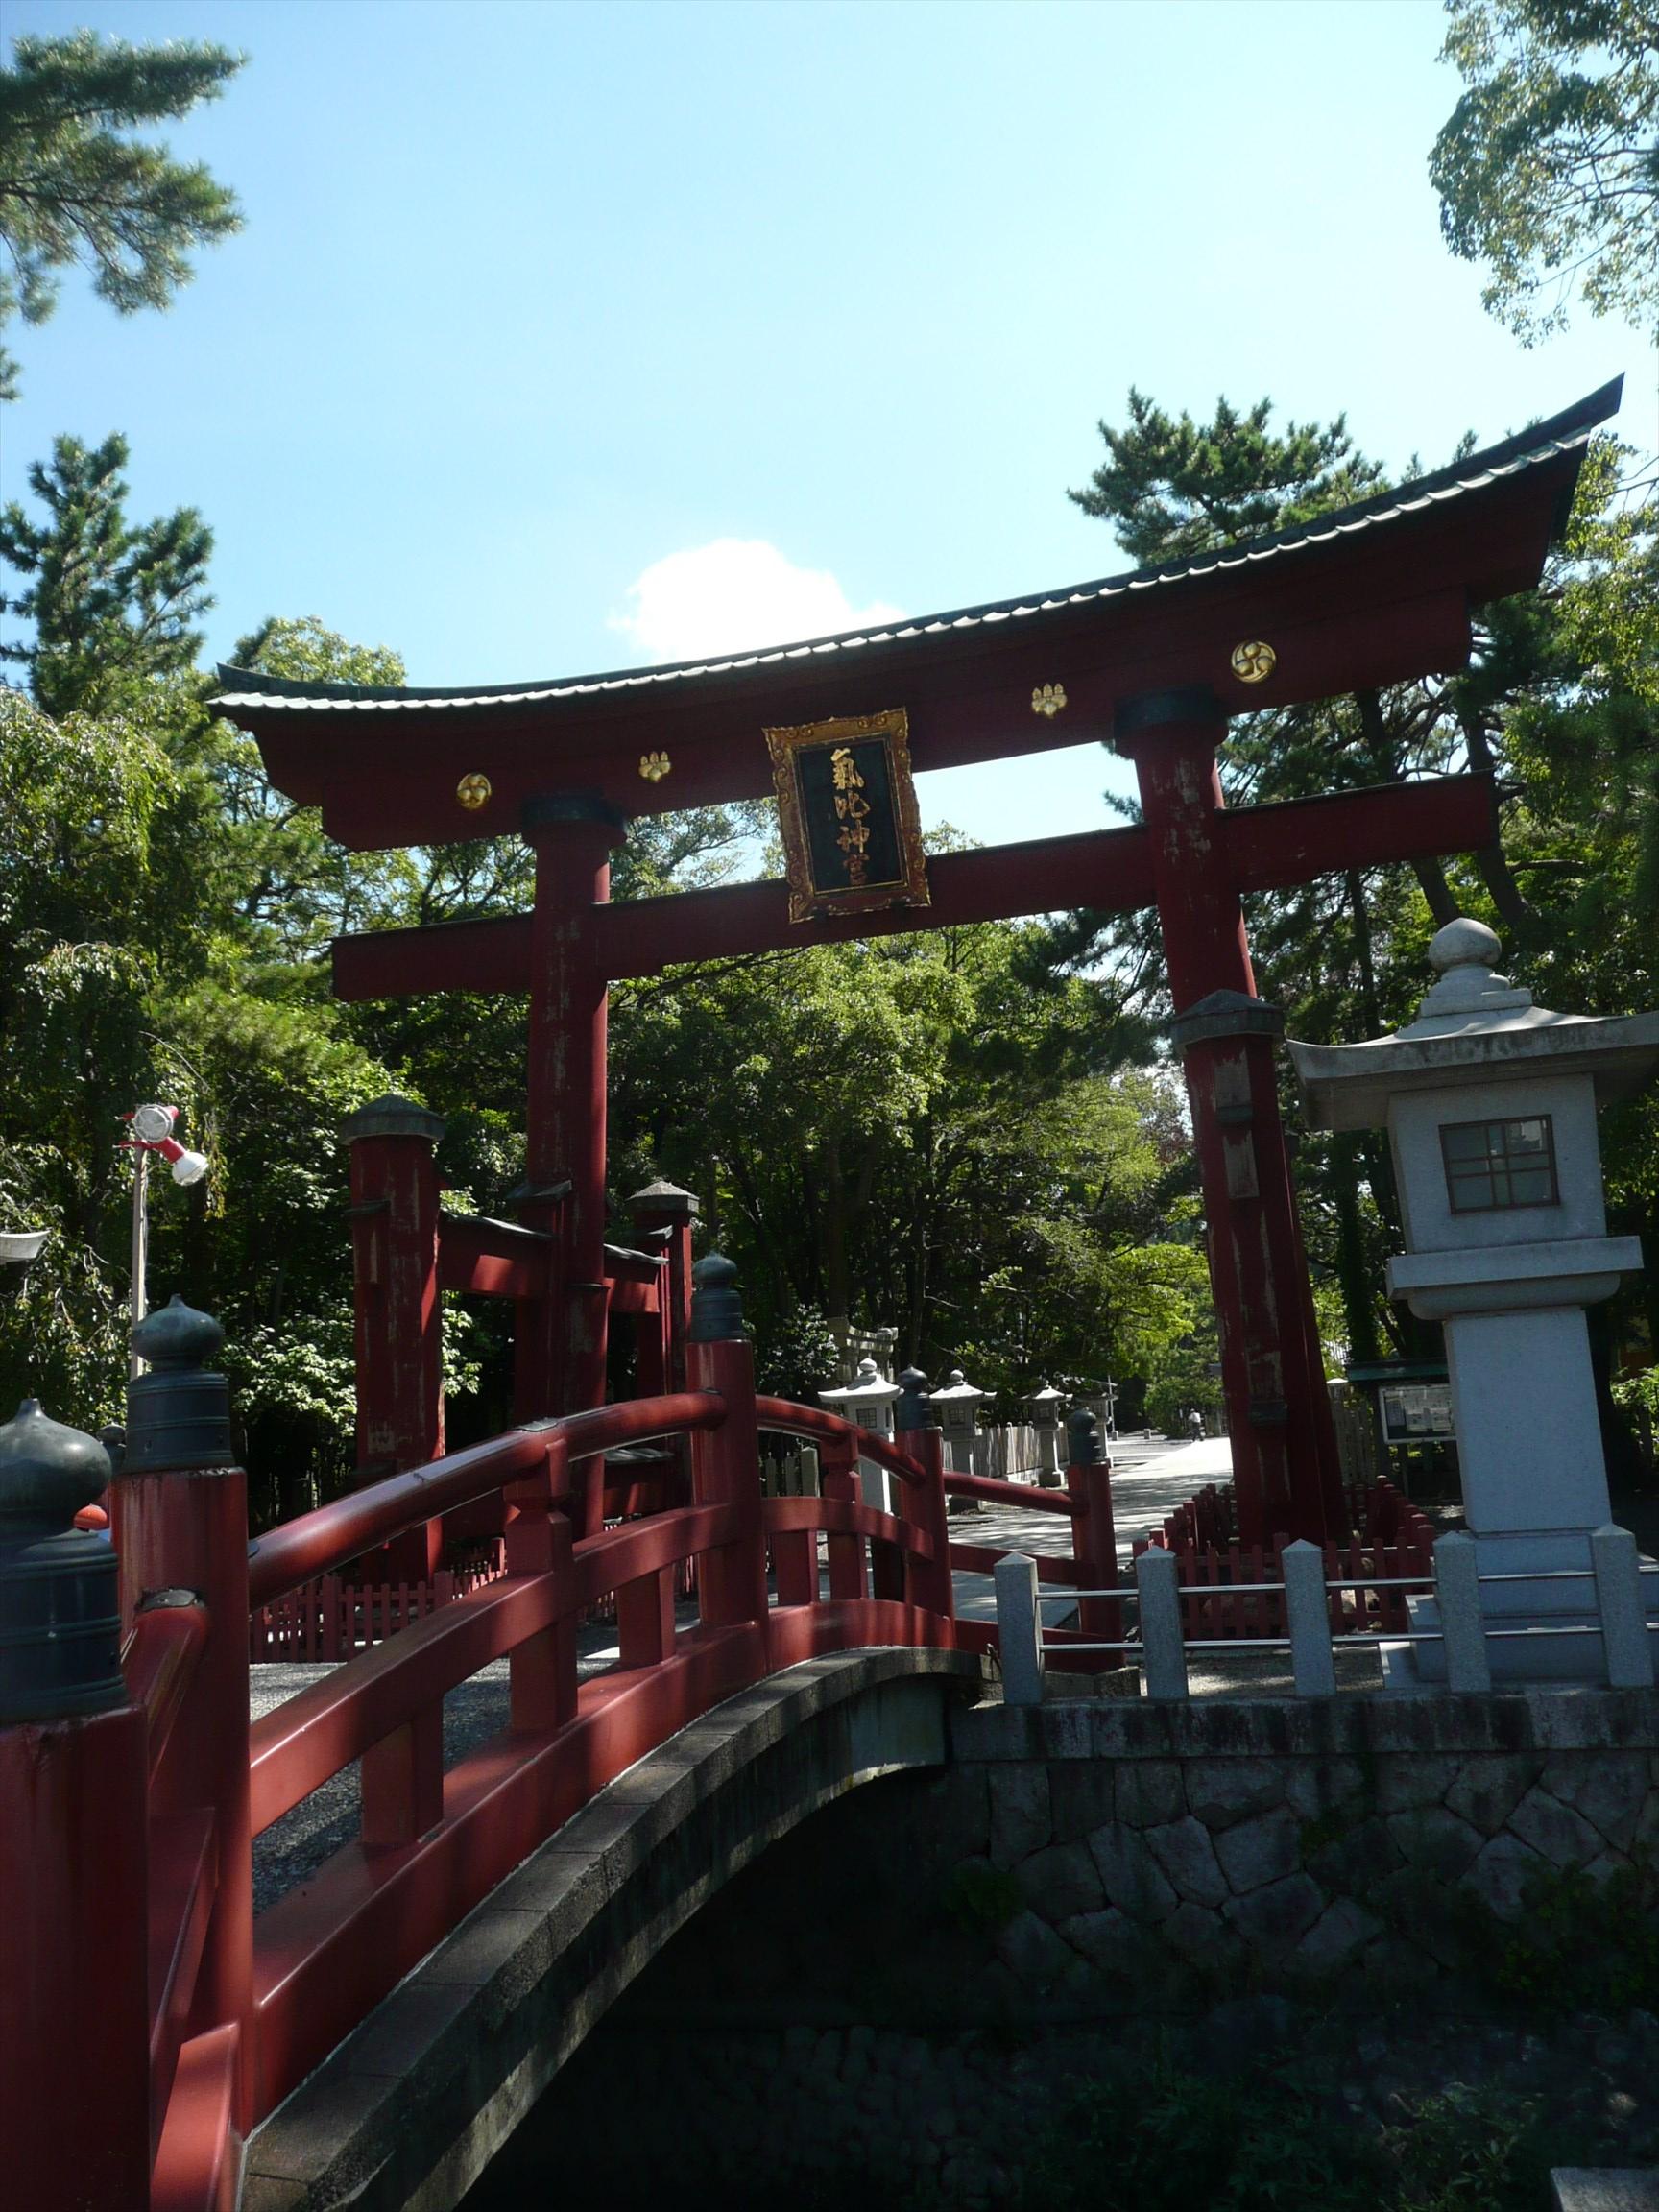 パワースポット氣比神宮と敦賀の街をお写んぽ♪